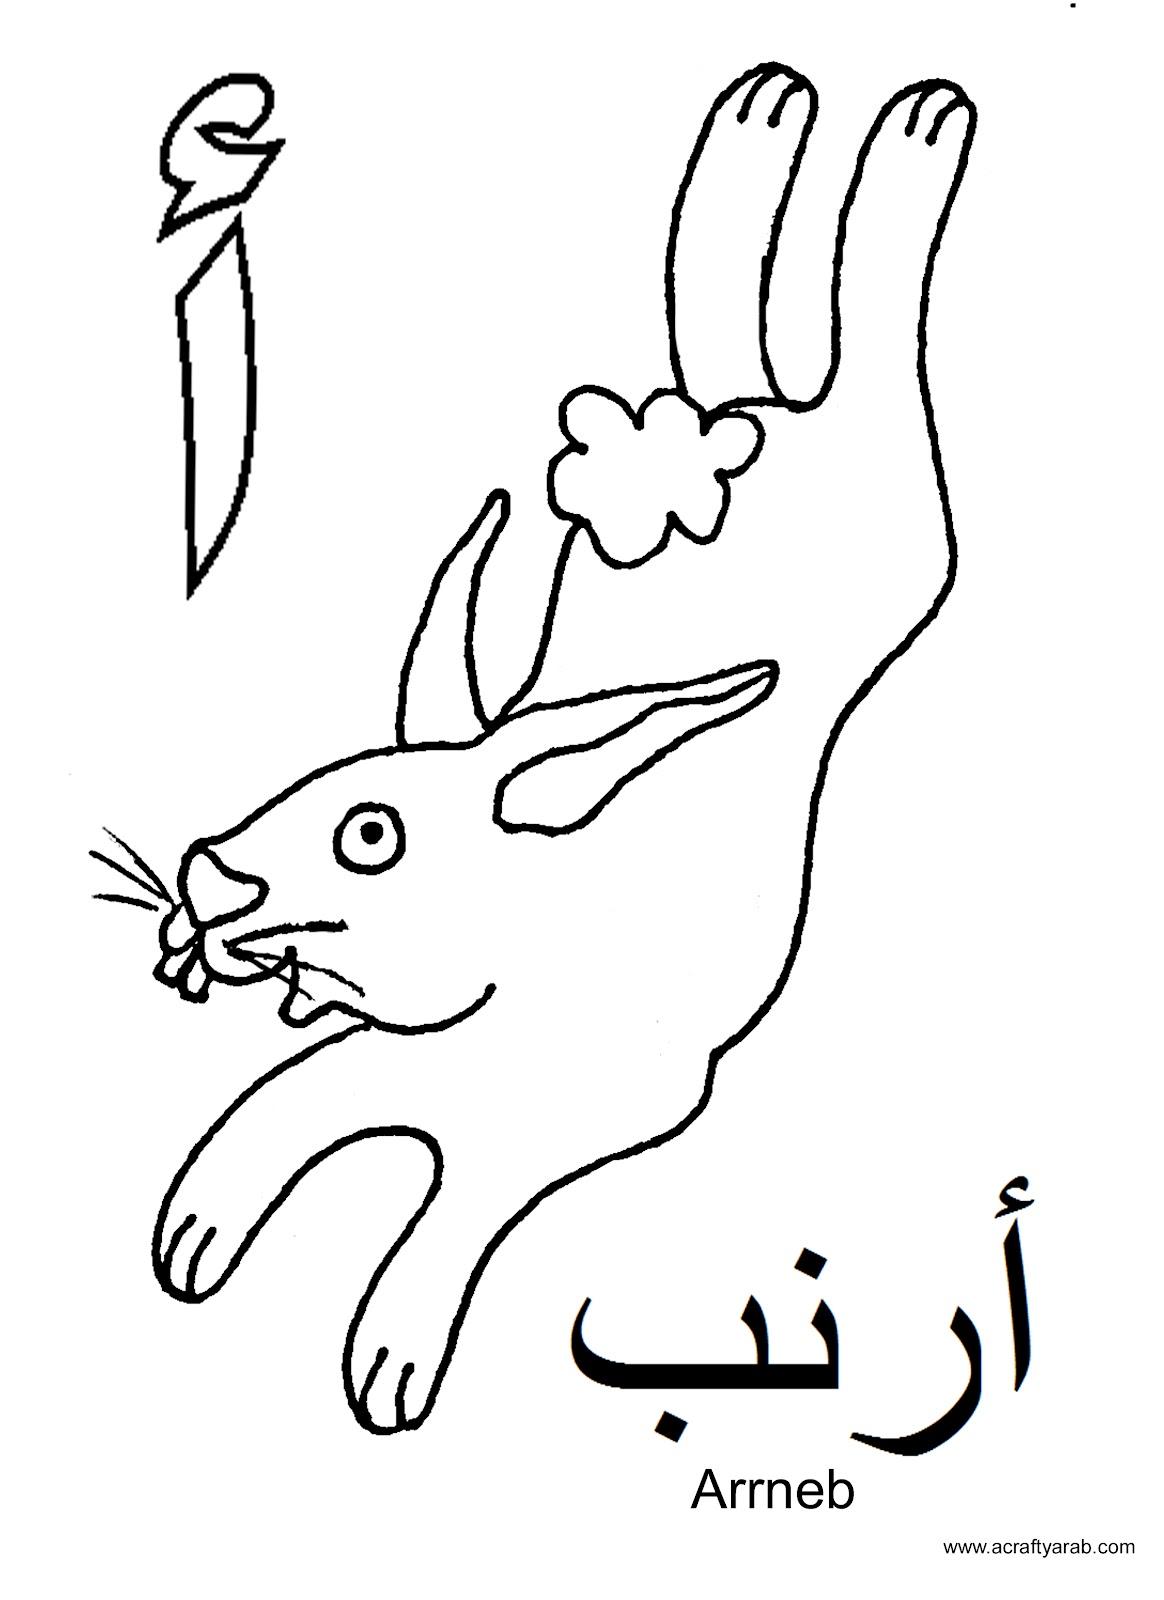 Arabis coloring #14, Download drawings